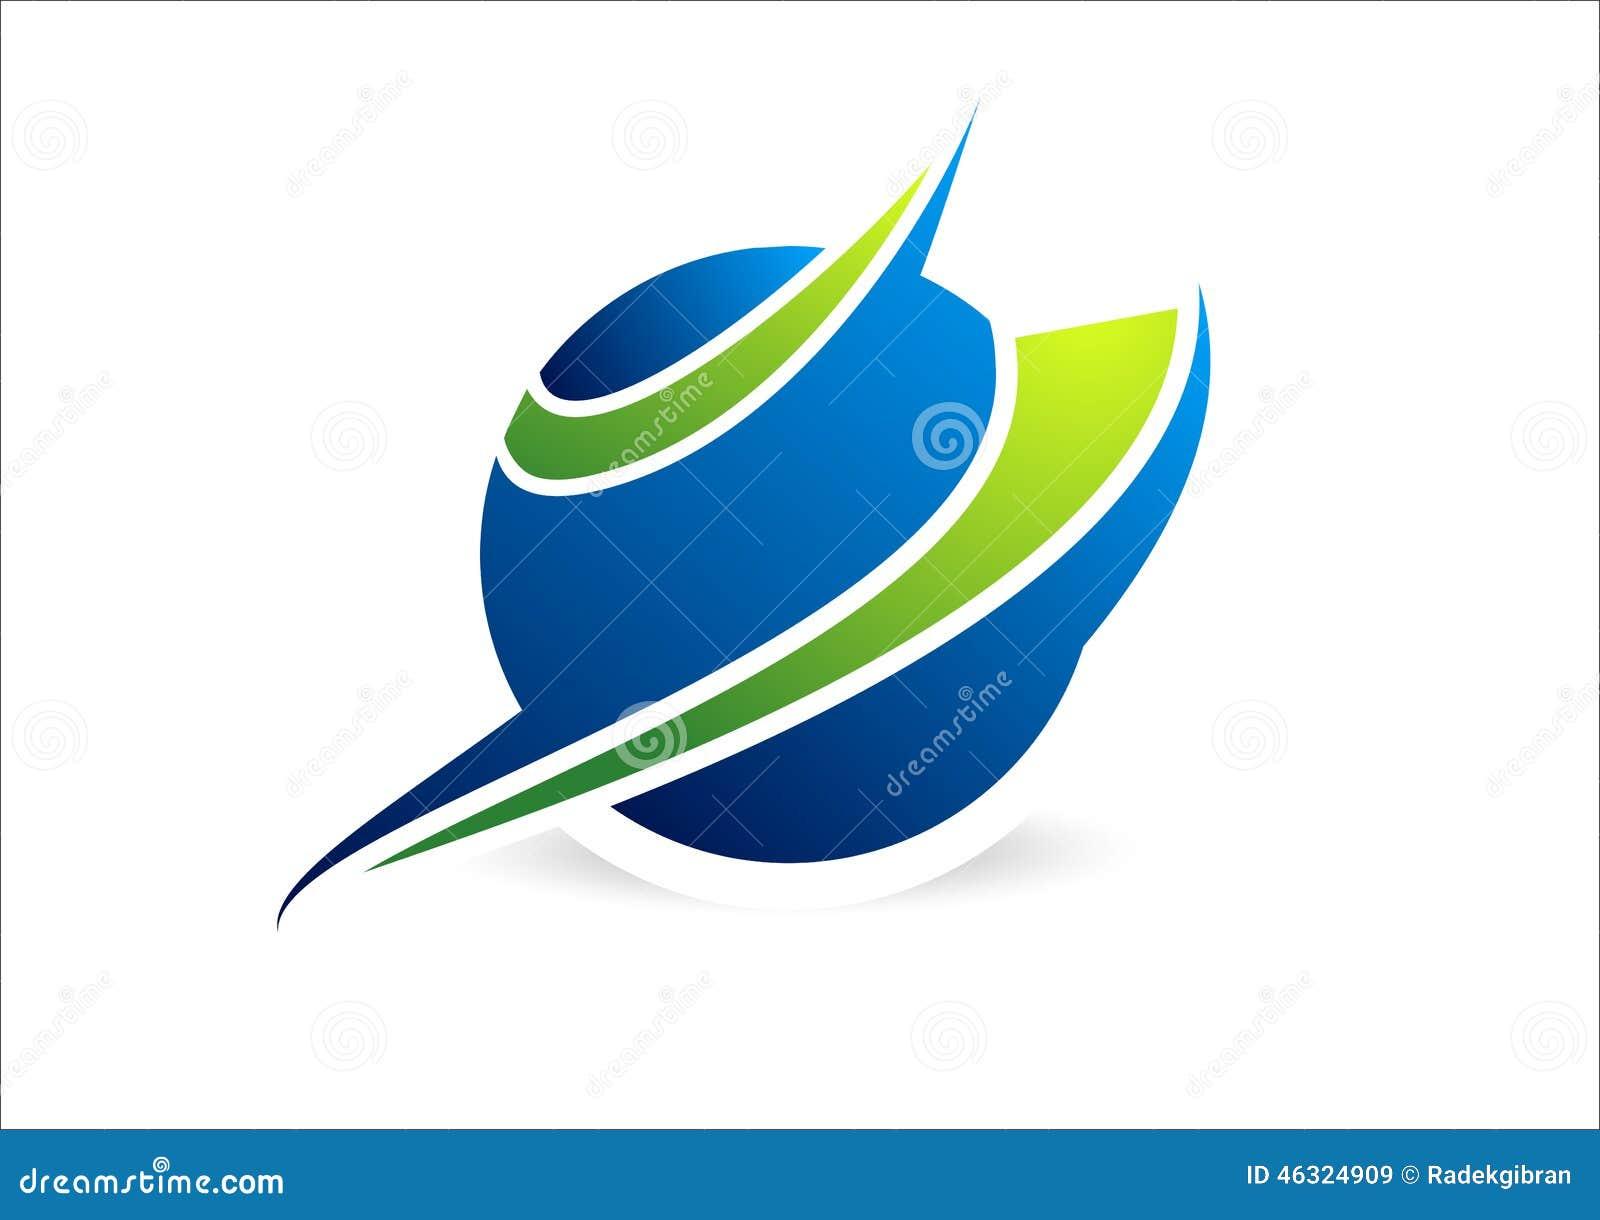 Esfera, círculo, logotipo, global, abstrato, negócio, empresa, corporaçõ, símbolo